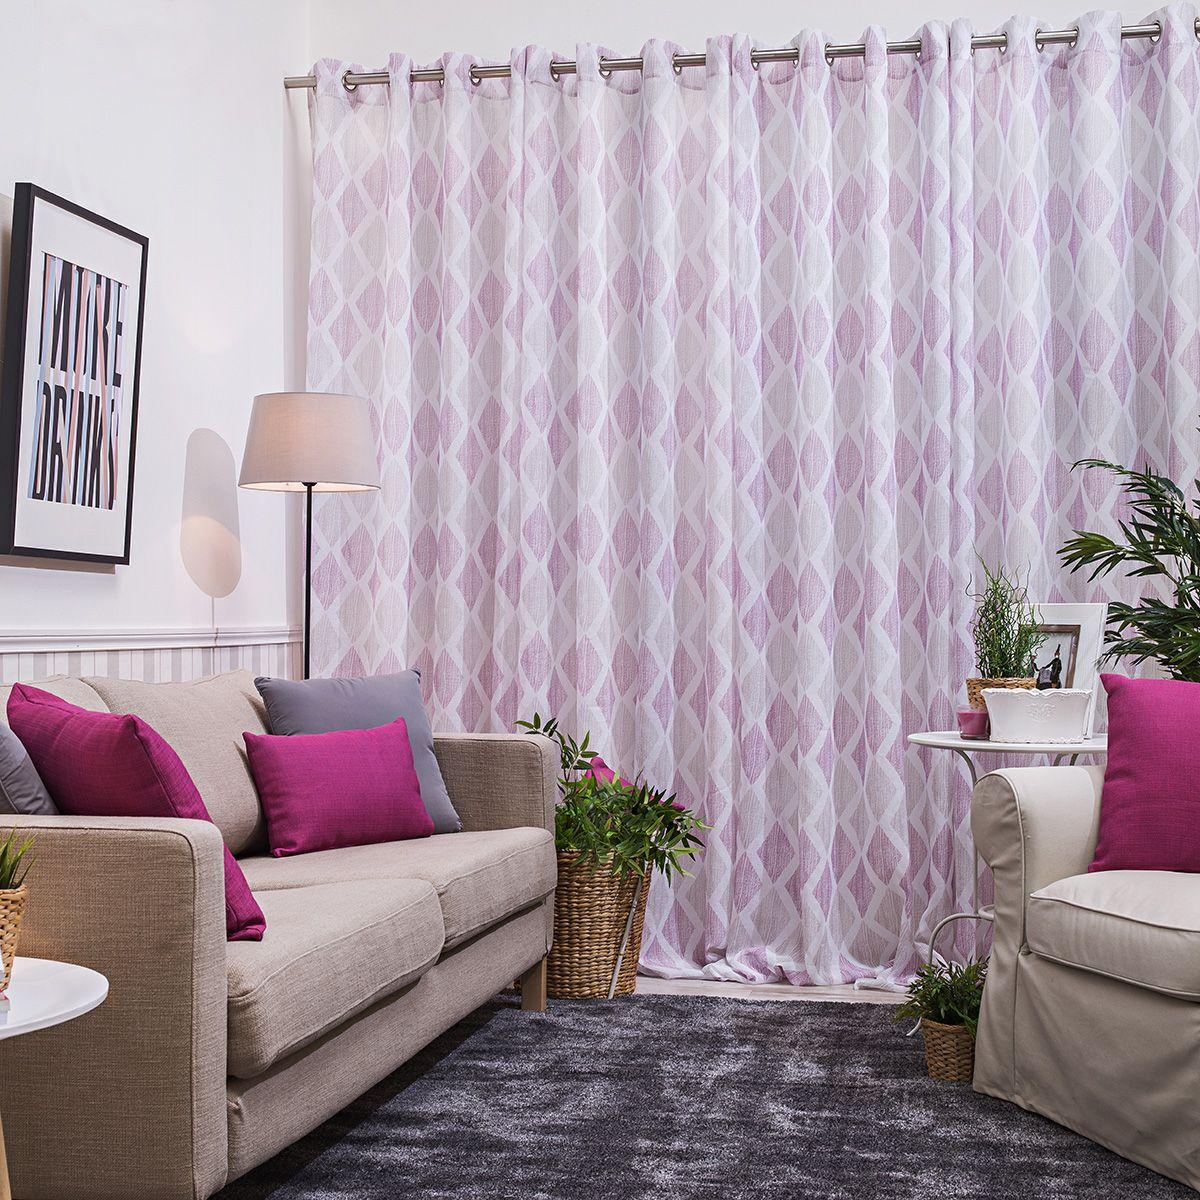 Cortina confeccionada tavira cortinas confeccionadas pinterest confeccion de cortinas - Visillos para salones ...